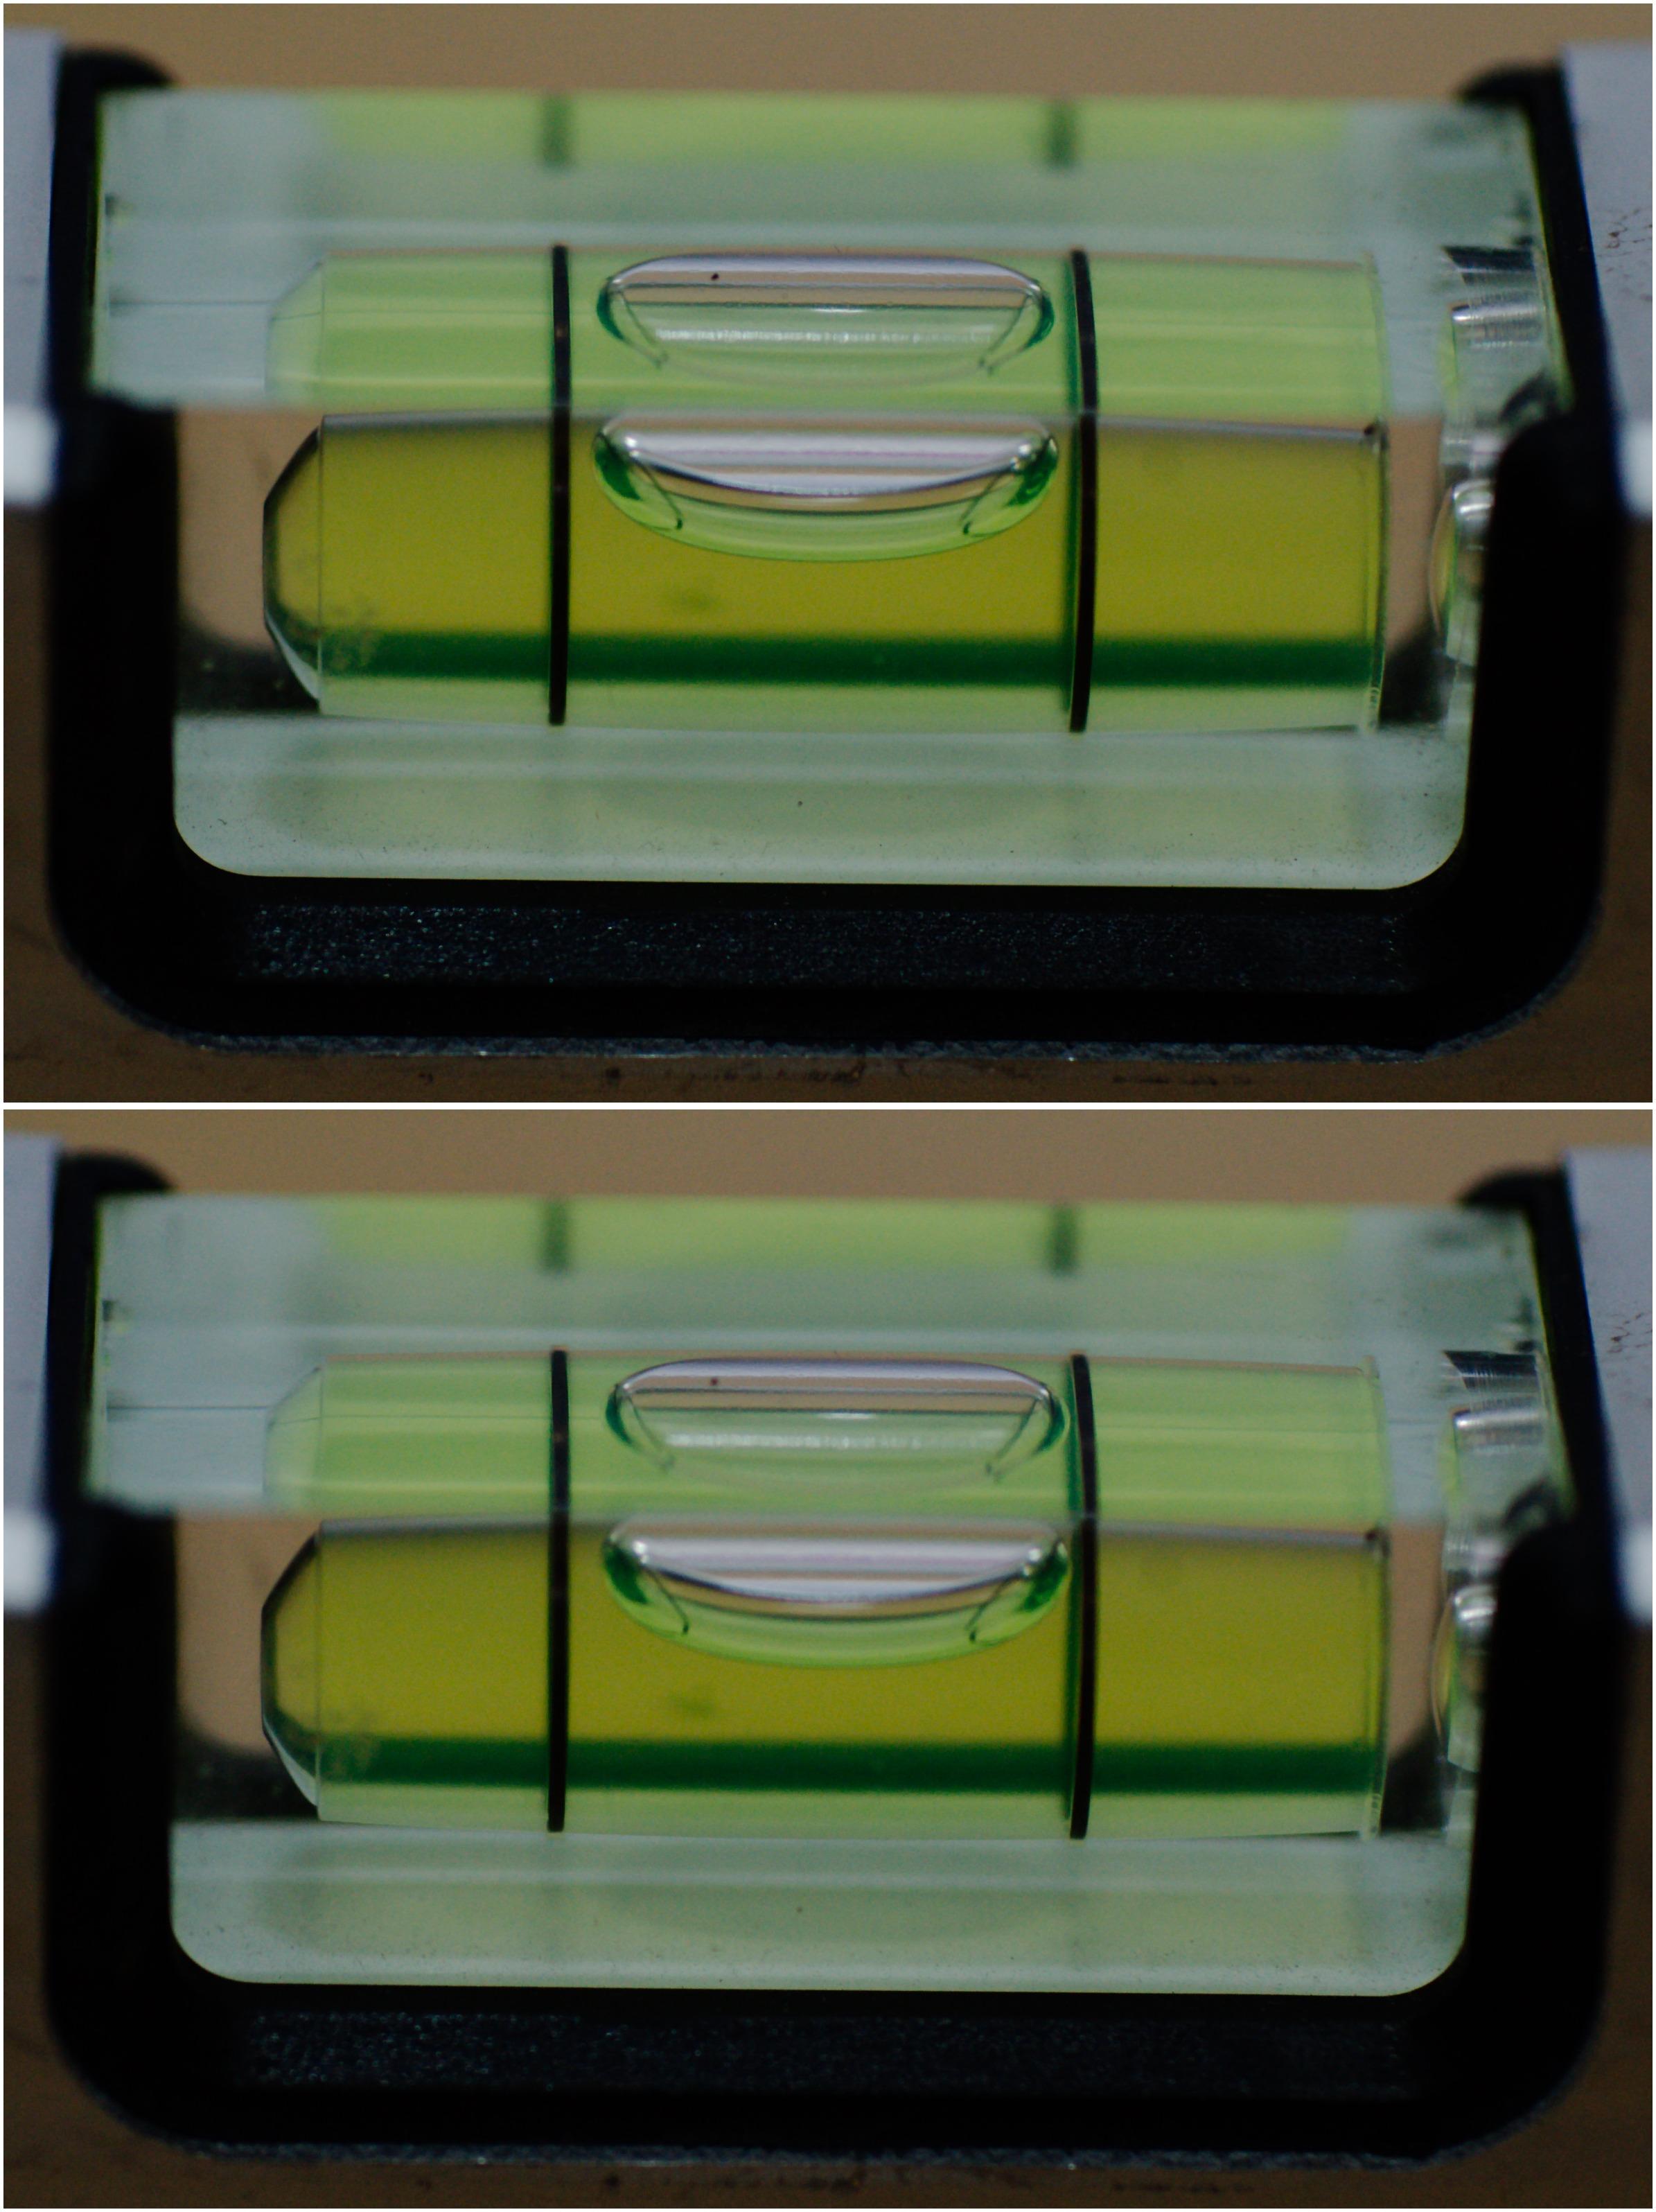 Änderung der Libelle einer Wasserwage, die um einseitig 1 mm angehoben wird